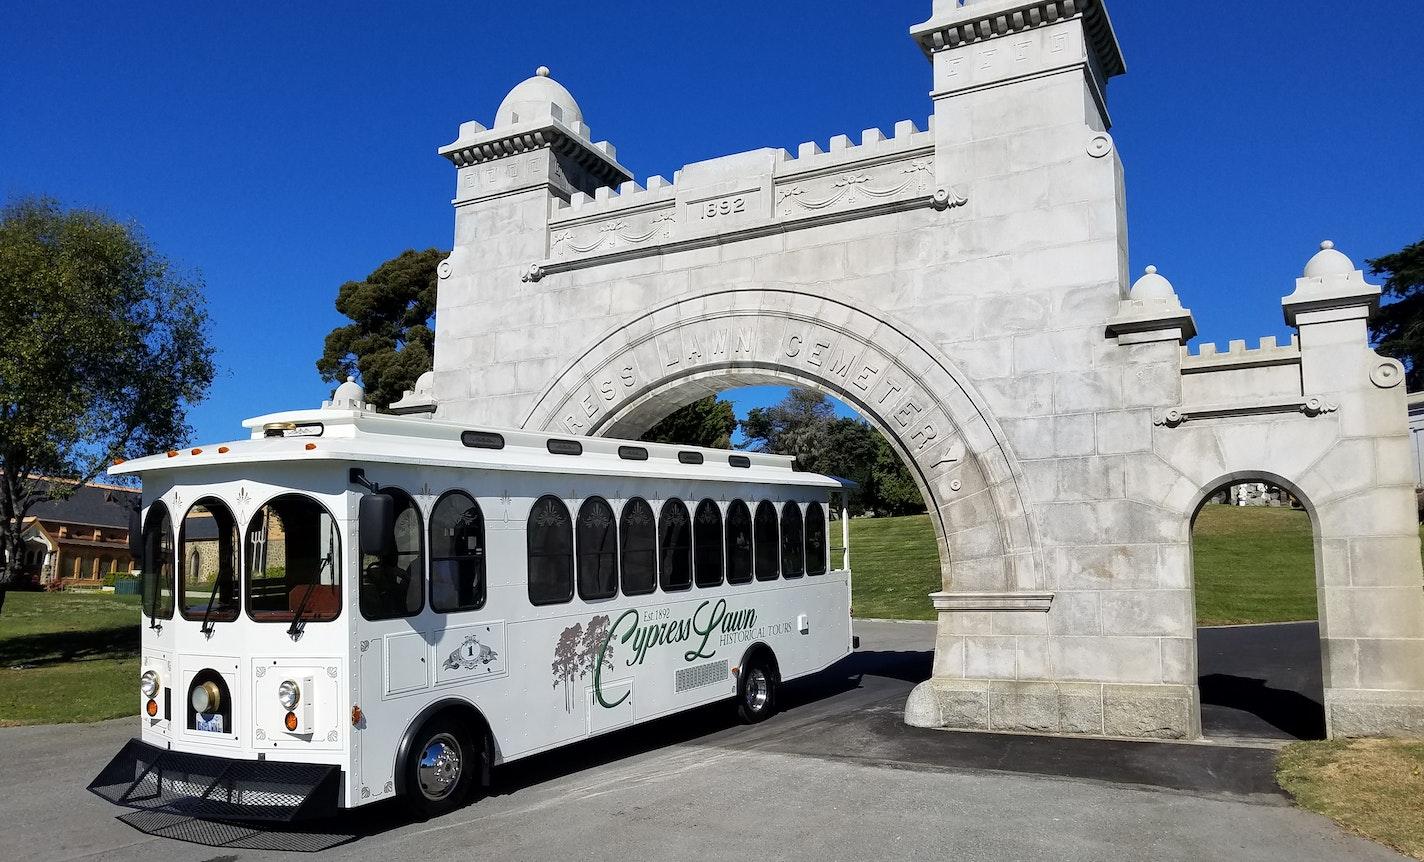 Cypress Lawn Trolley Tour